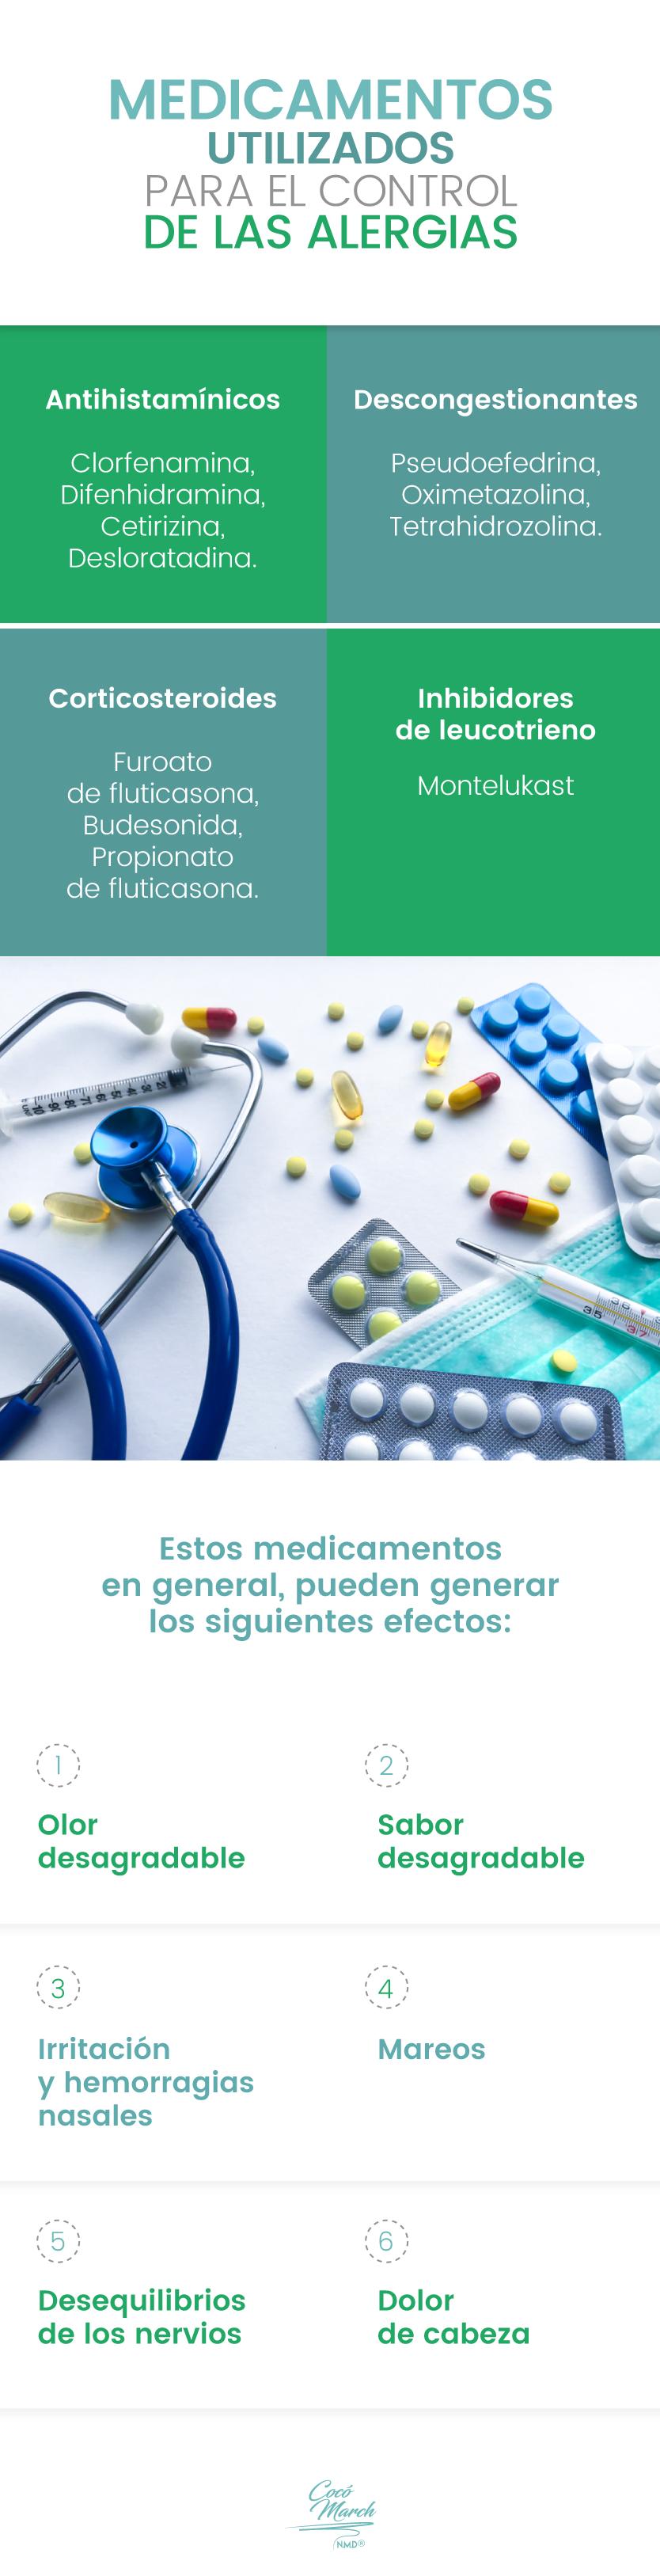 medicamentos-para-las-alergias